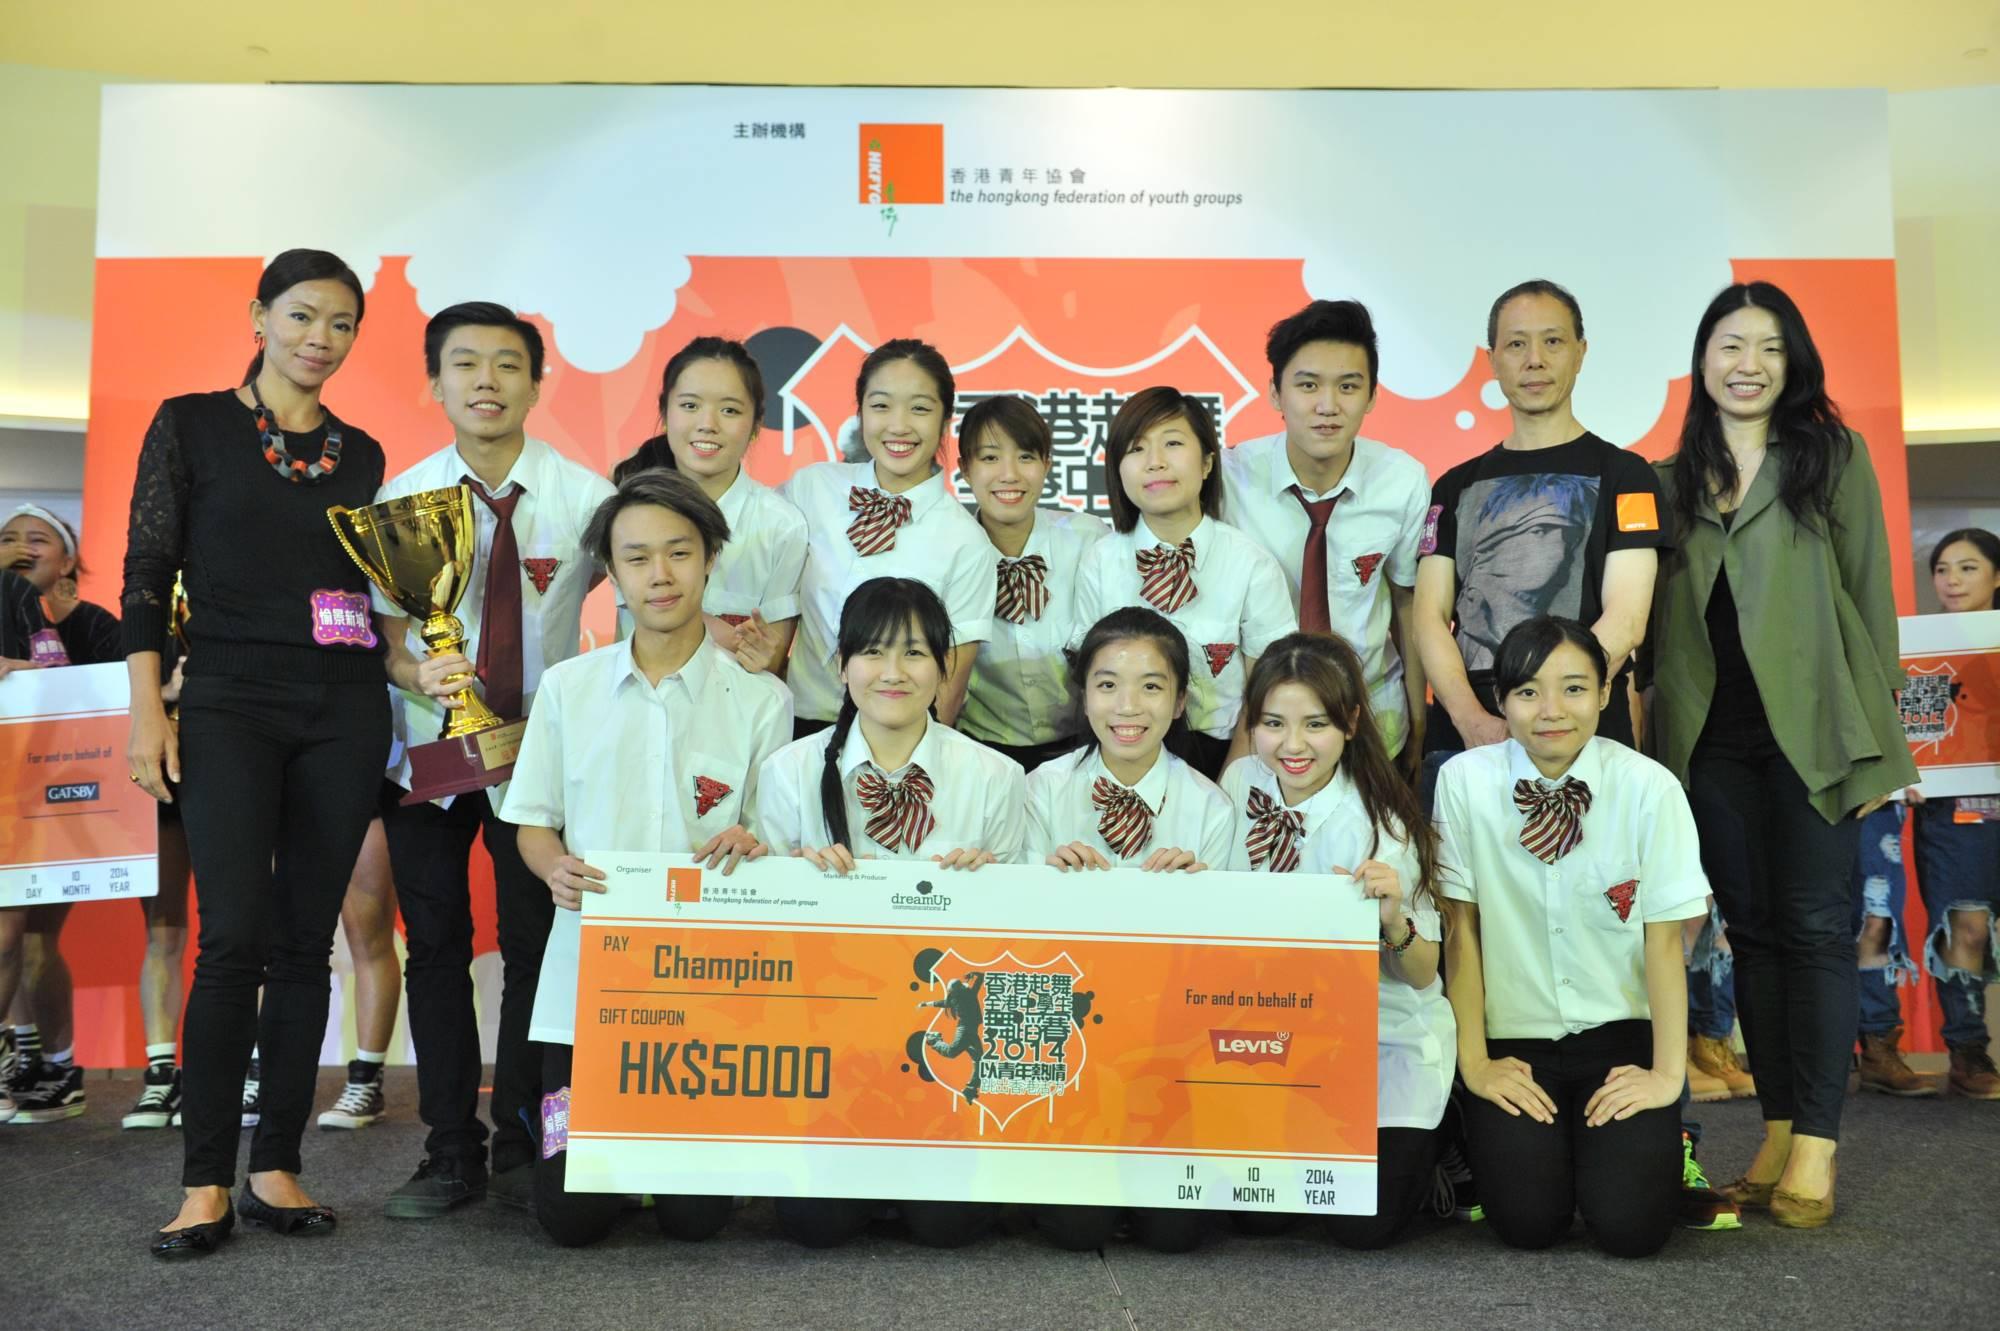 全港中學生舞蹈賽2014得獎隊伍 (2)